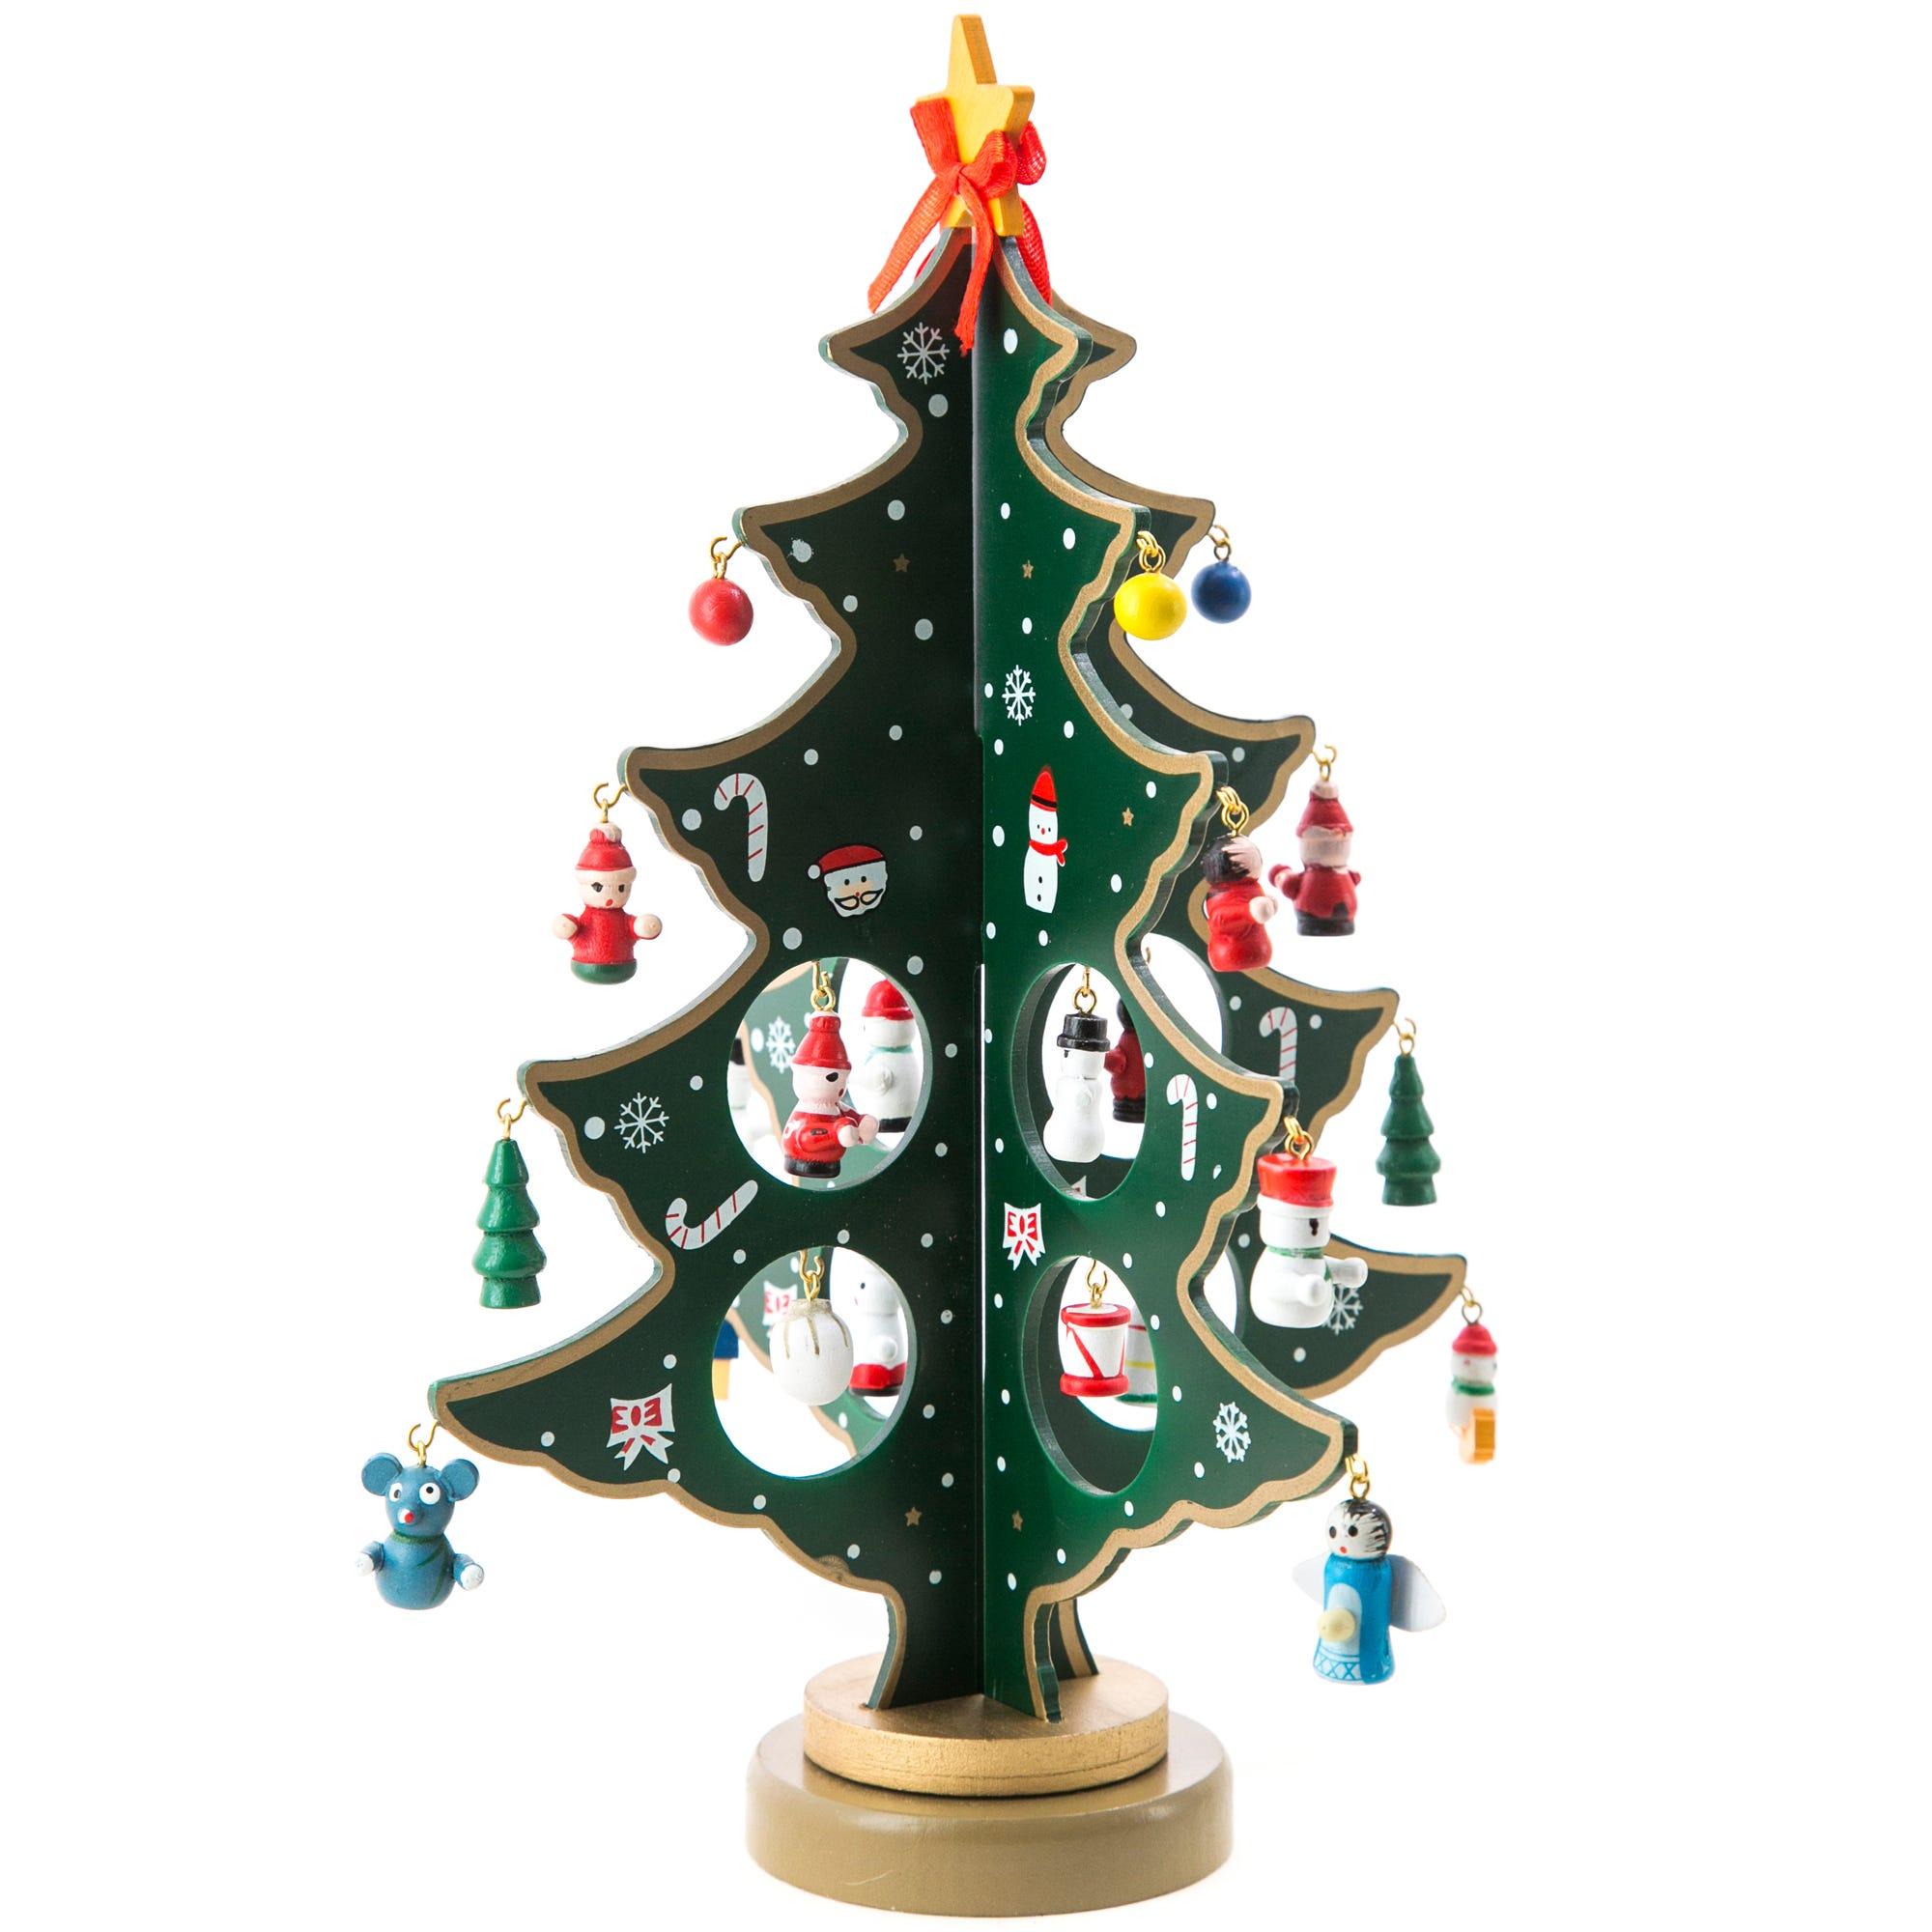 Árbol de Navidad giratorio con adornos en verde